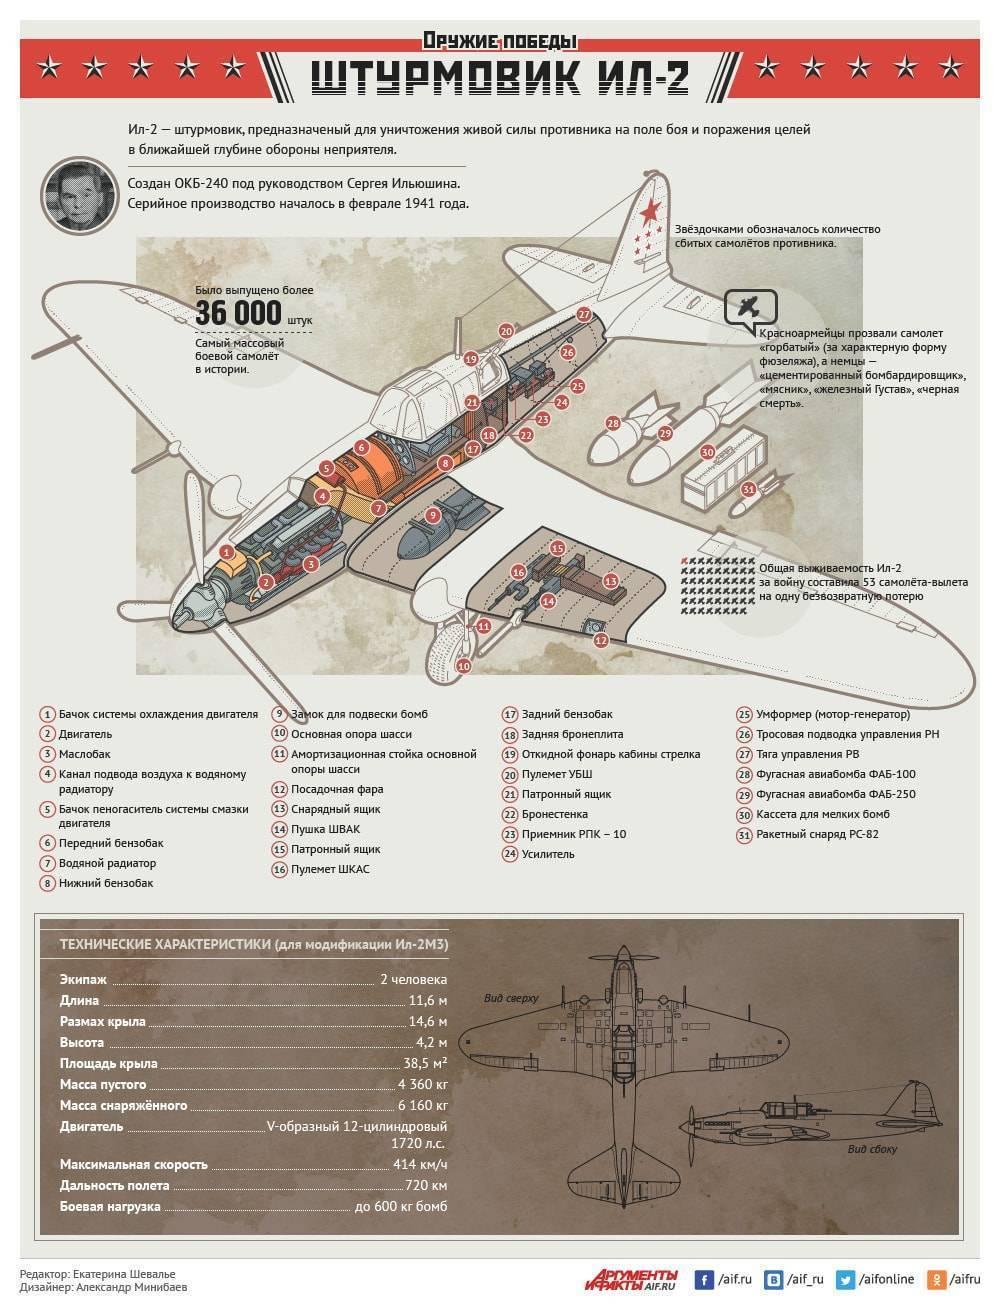 Концепции боевого применения ju 87 и ил-2 в сравнении